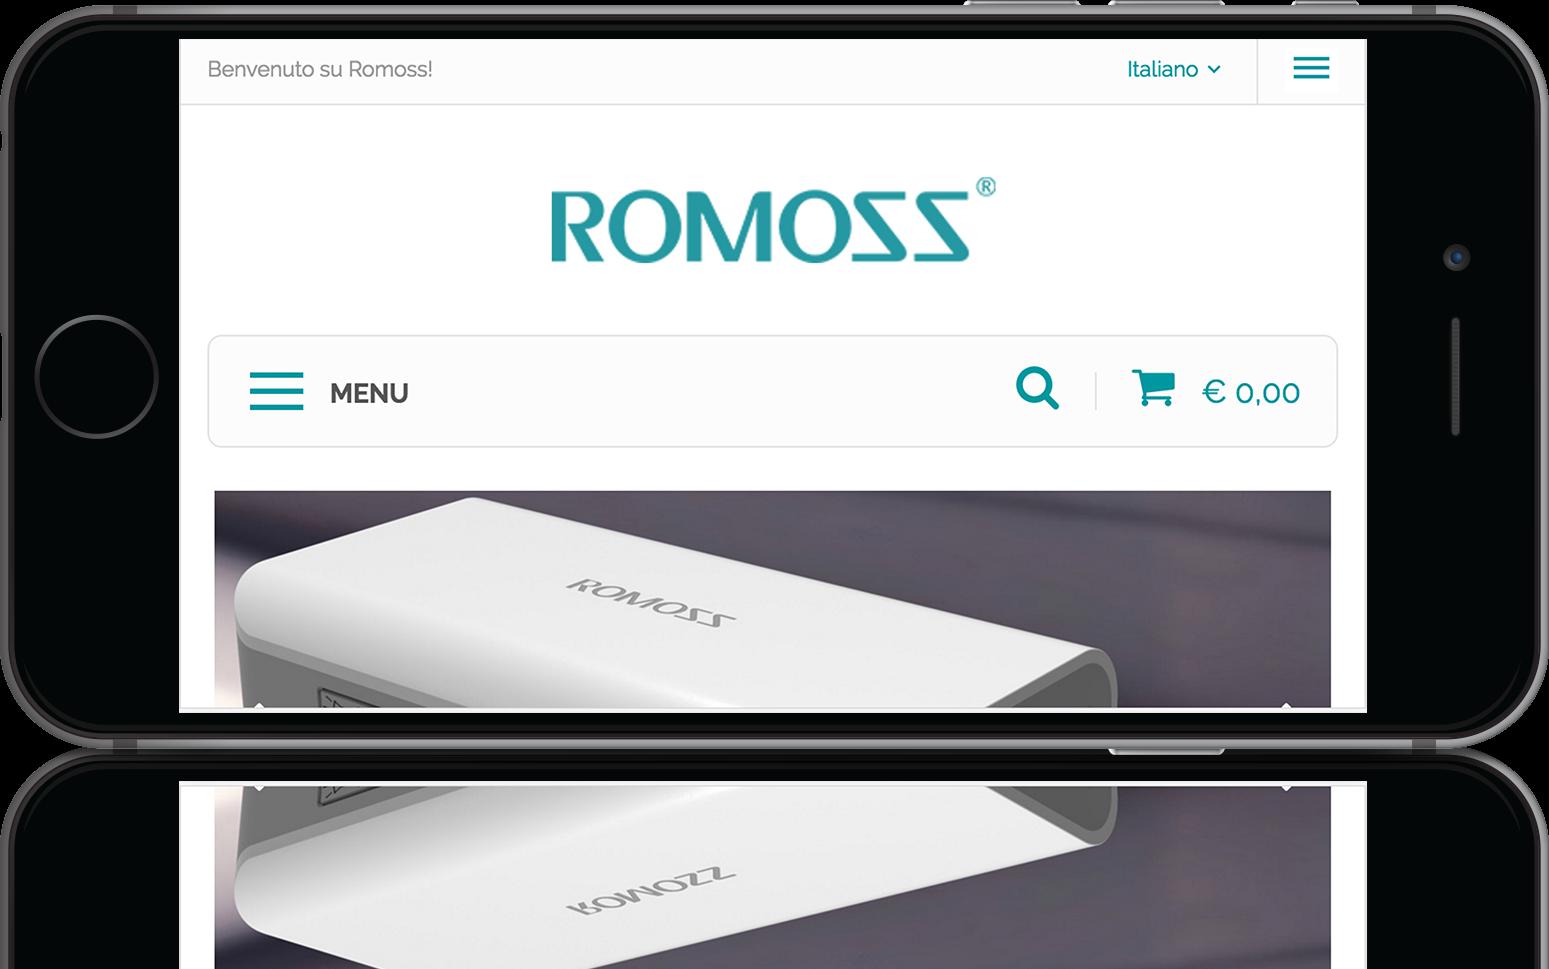 mockup iPhone dello sviluppo del sito web ecommerce responsivo per Romoss visibile da mobile